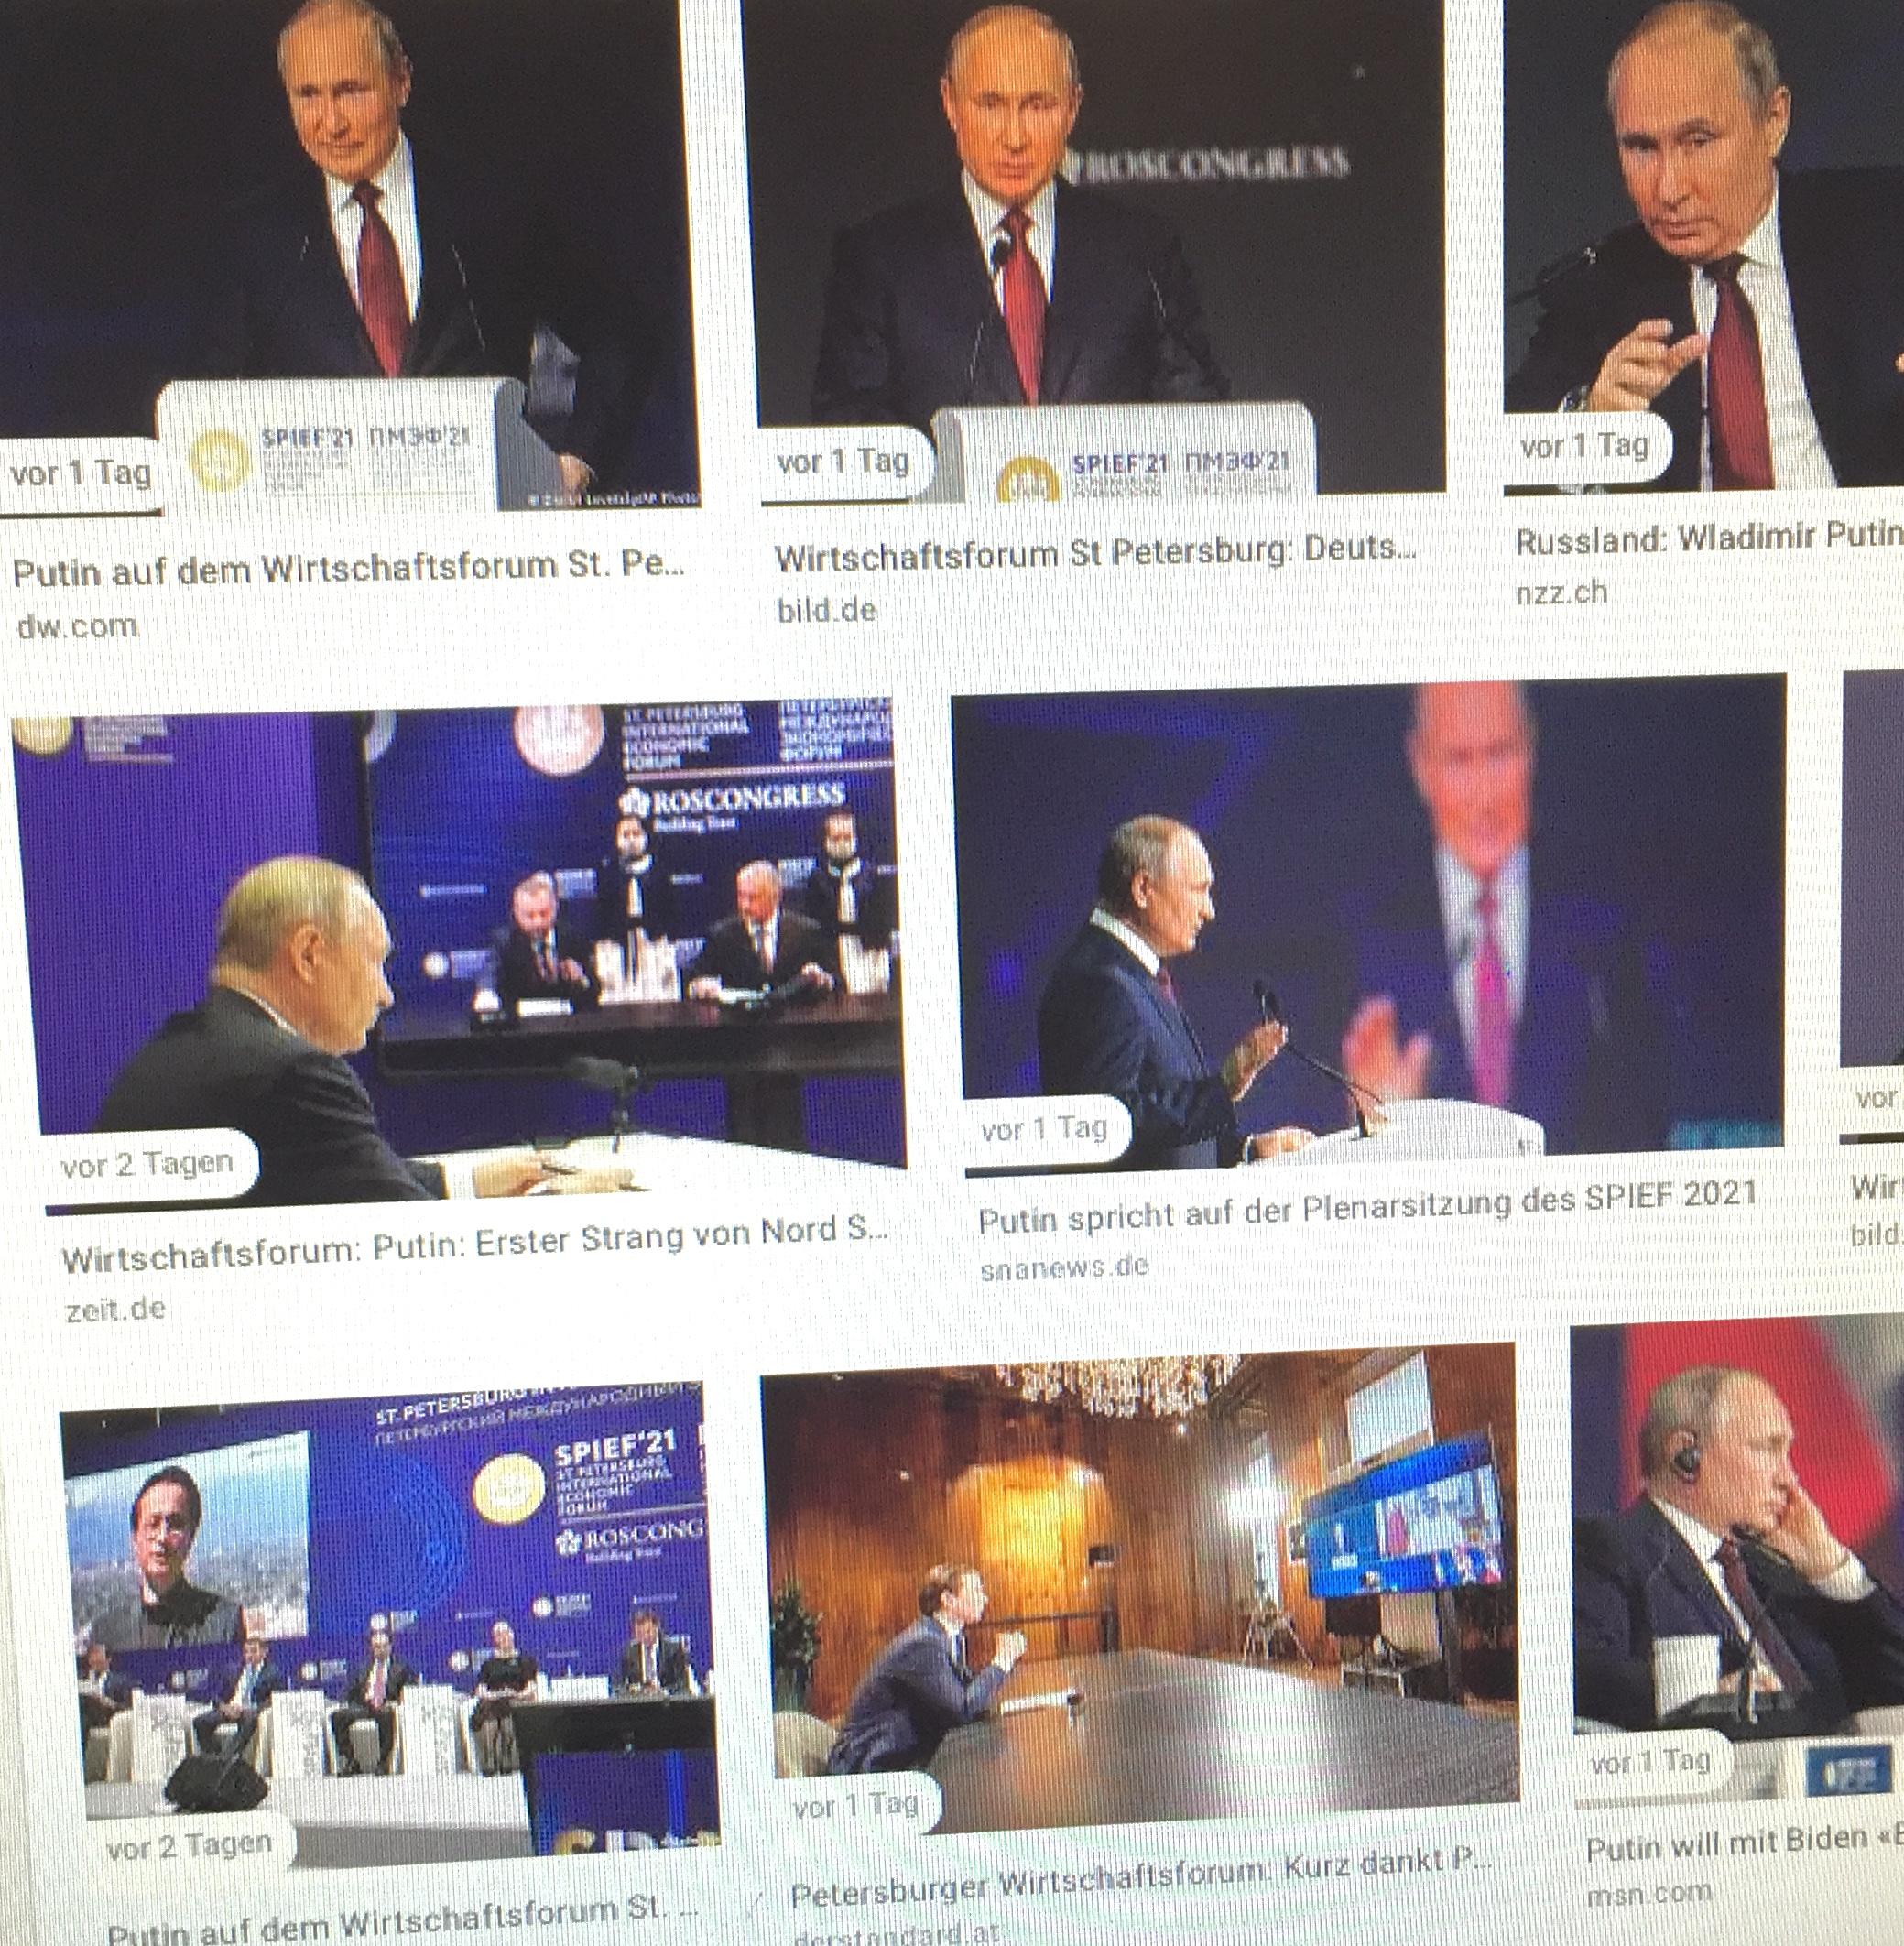 """Beim internationalen Wirtschaftsforum betonte der russische Präsident Wladimir Putin, dass Nord Stream 2 von russischer Seite aus startklar ist. Beim Klimaschutz soll der Netto-Ausstoß von Treibhausgasen in seinem Land bis 2050 stärker reduziert werden als dies in der EU der Fall sein wird. Einen entsprechenden Plan dafür hat der Kreml-Chef bereits in Auftrag gegeben. Bezüglich USA sollen bessere Beziehung an ihm nicht scheitern - ganz im Gegenteil, dort, wo Zusammenarbeit Sinn macht, etwa bei Rüstungsbegrenzung und Klimaschutz, sei er bereit. Nicht nur, dass Russland längst Exportweltmeister von """"sauberem"""" Getreide ist, auch aktuell mit Sputnik V zeigt sich Moskau kollegial gegenüber anderen Staaten. Wer fragt, dem wird geholfen.  Von Verena Daum (www.progression.at, www.garden-eden.org)"""